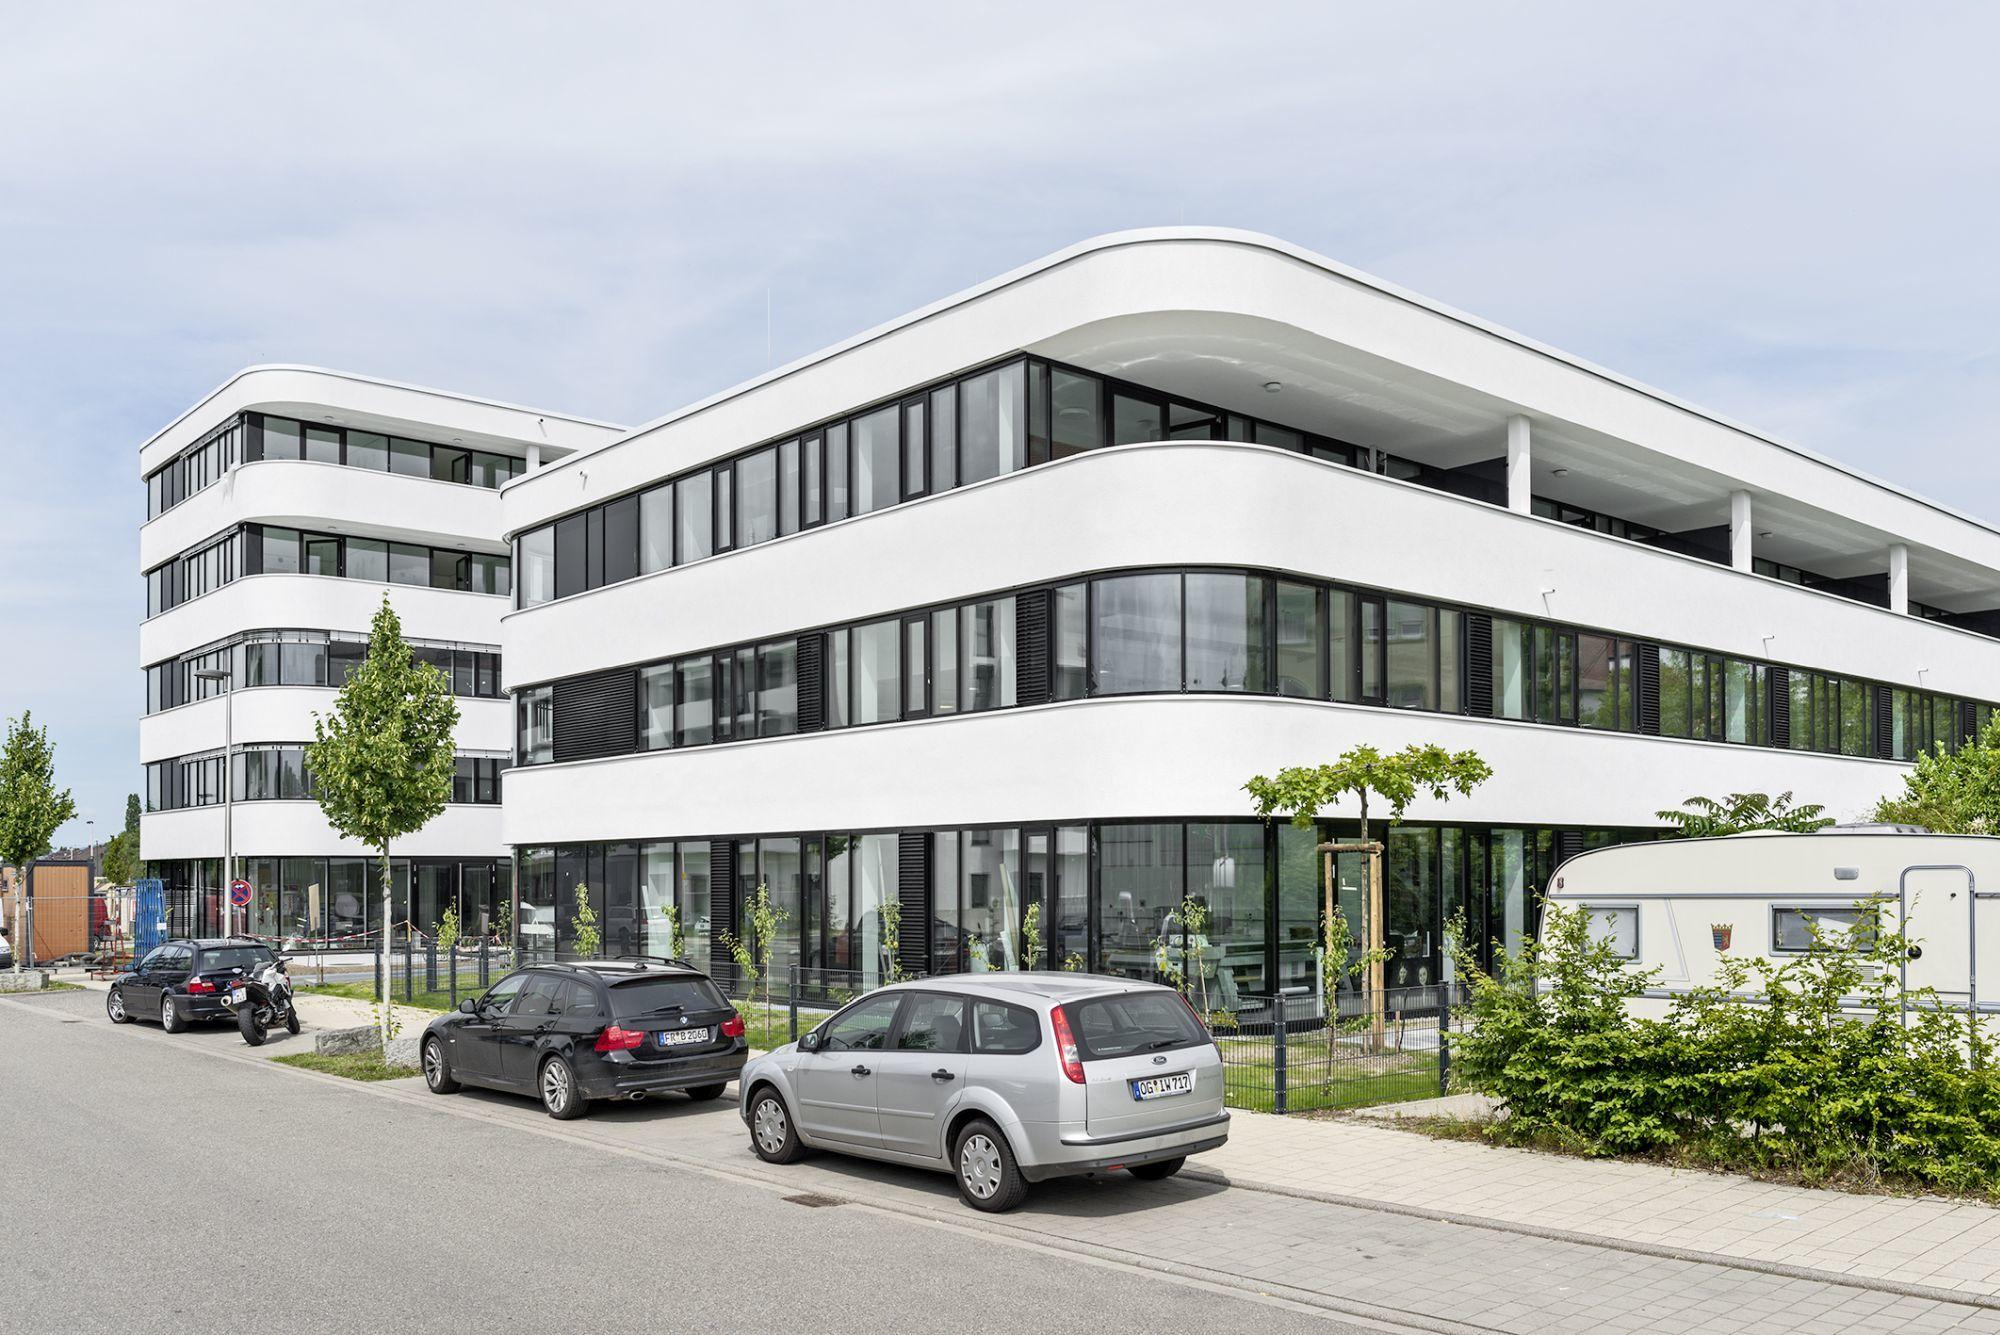 Architektur Freiburg druckerei mit wohn und geschäftshaus freiburg hotz architekten